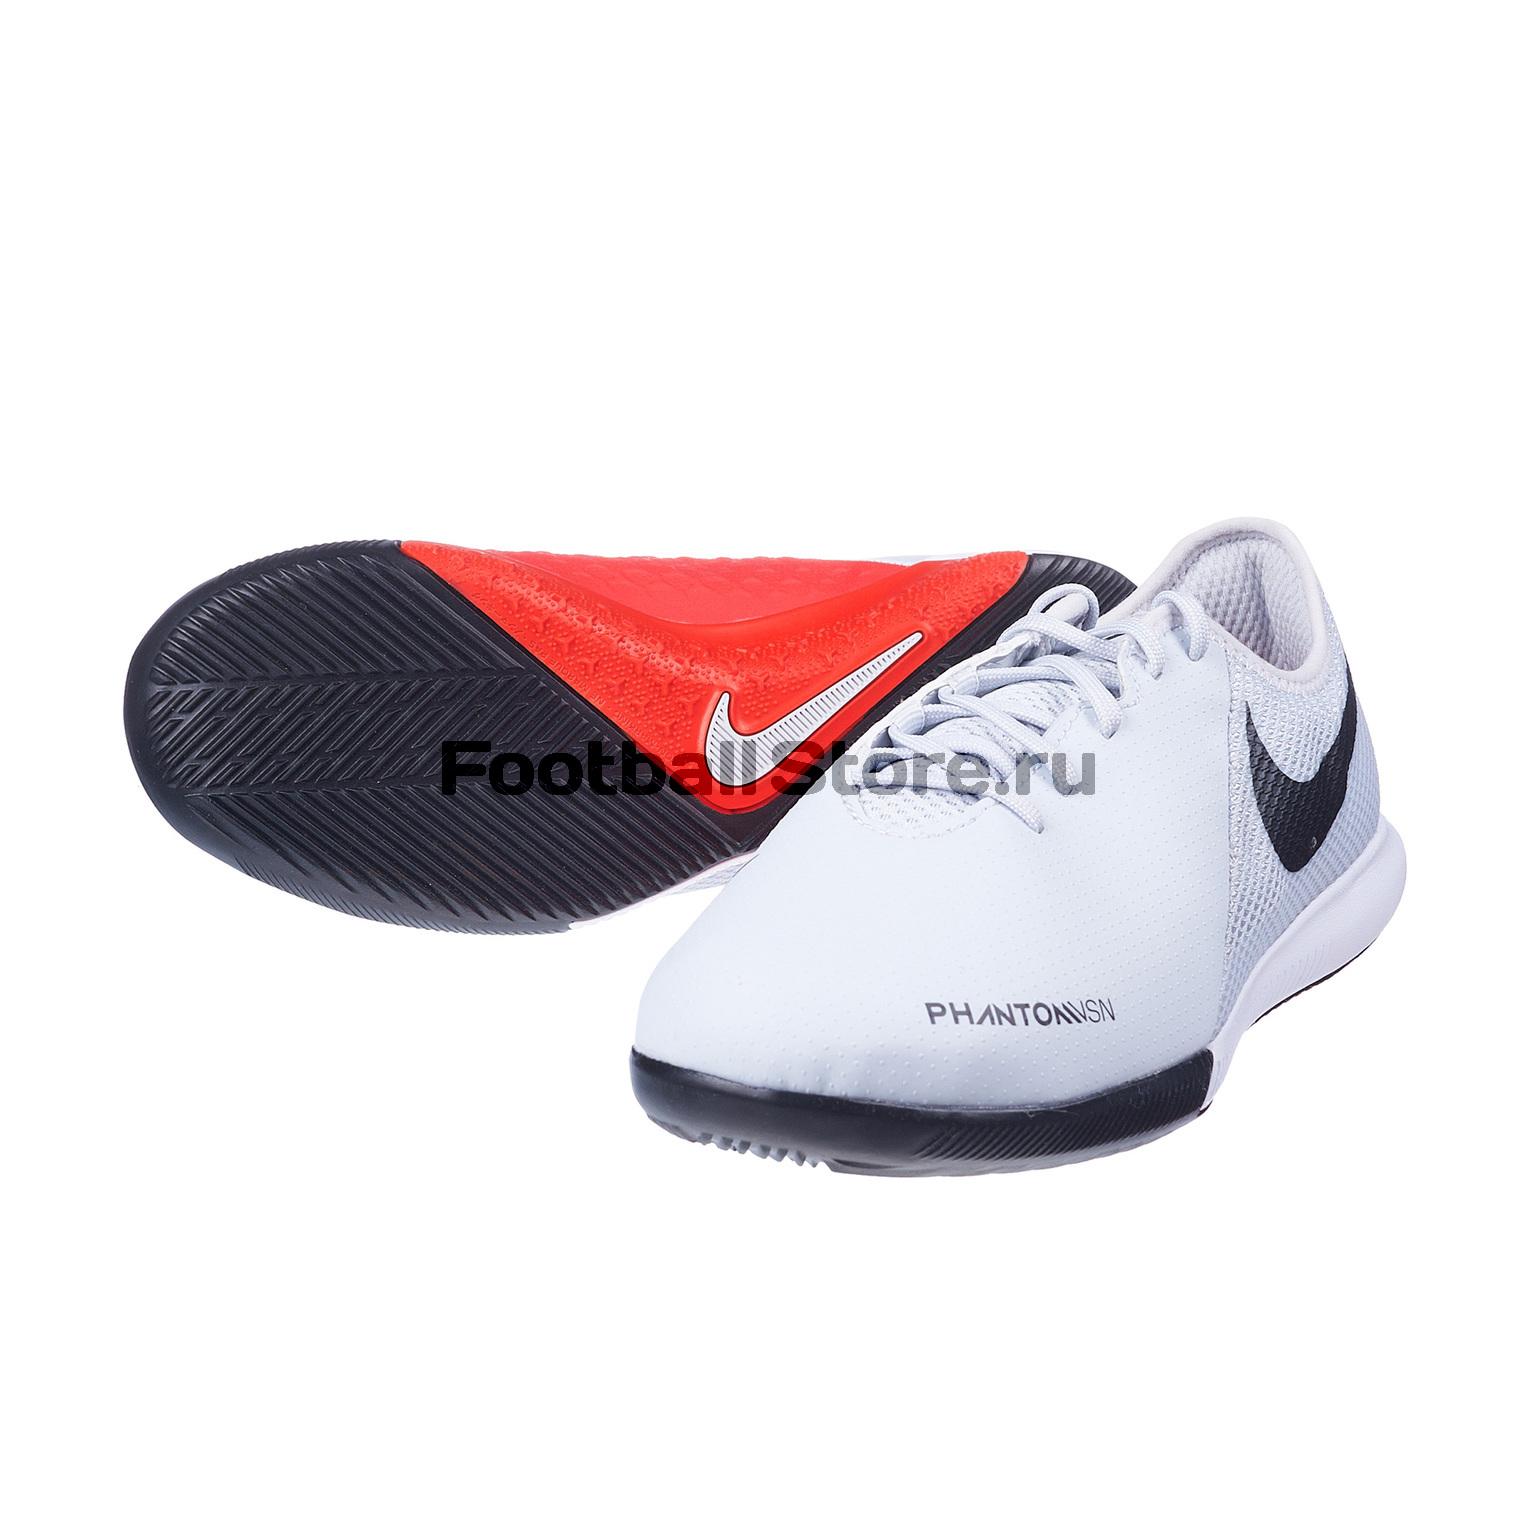 Футзалки детские Nike Phantom Vision Academy IC AR4345-060 – купить ... 2f0993150b5